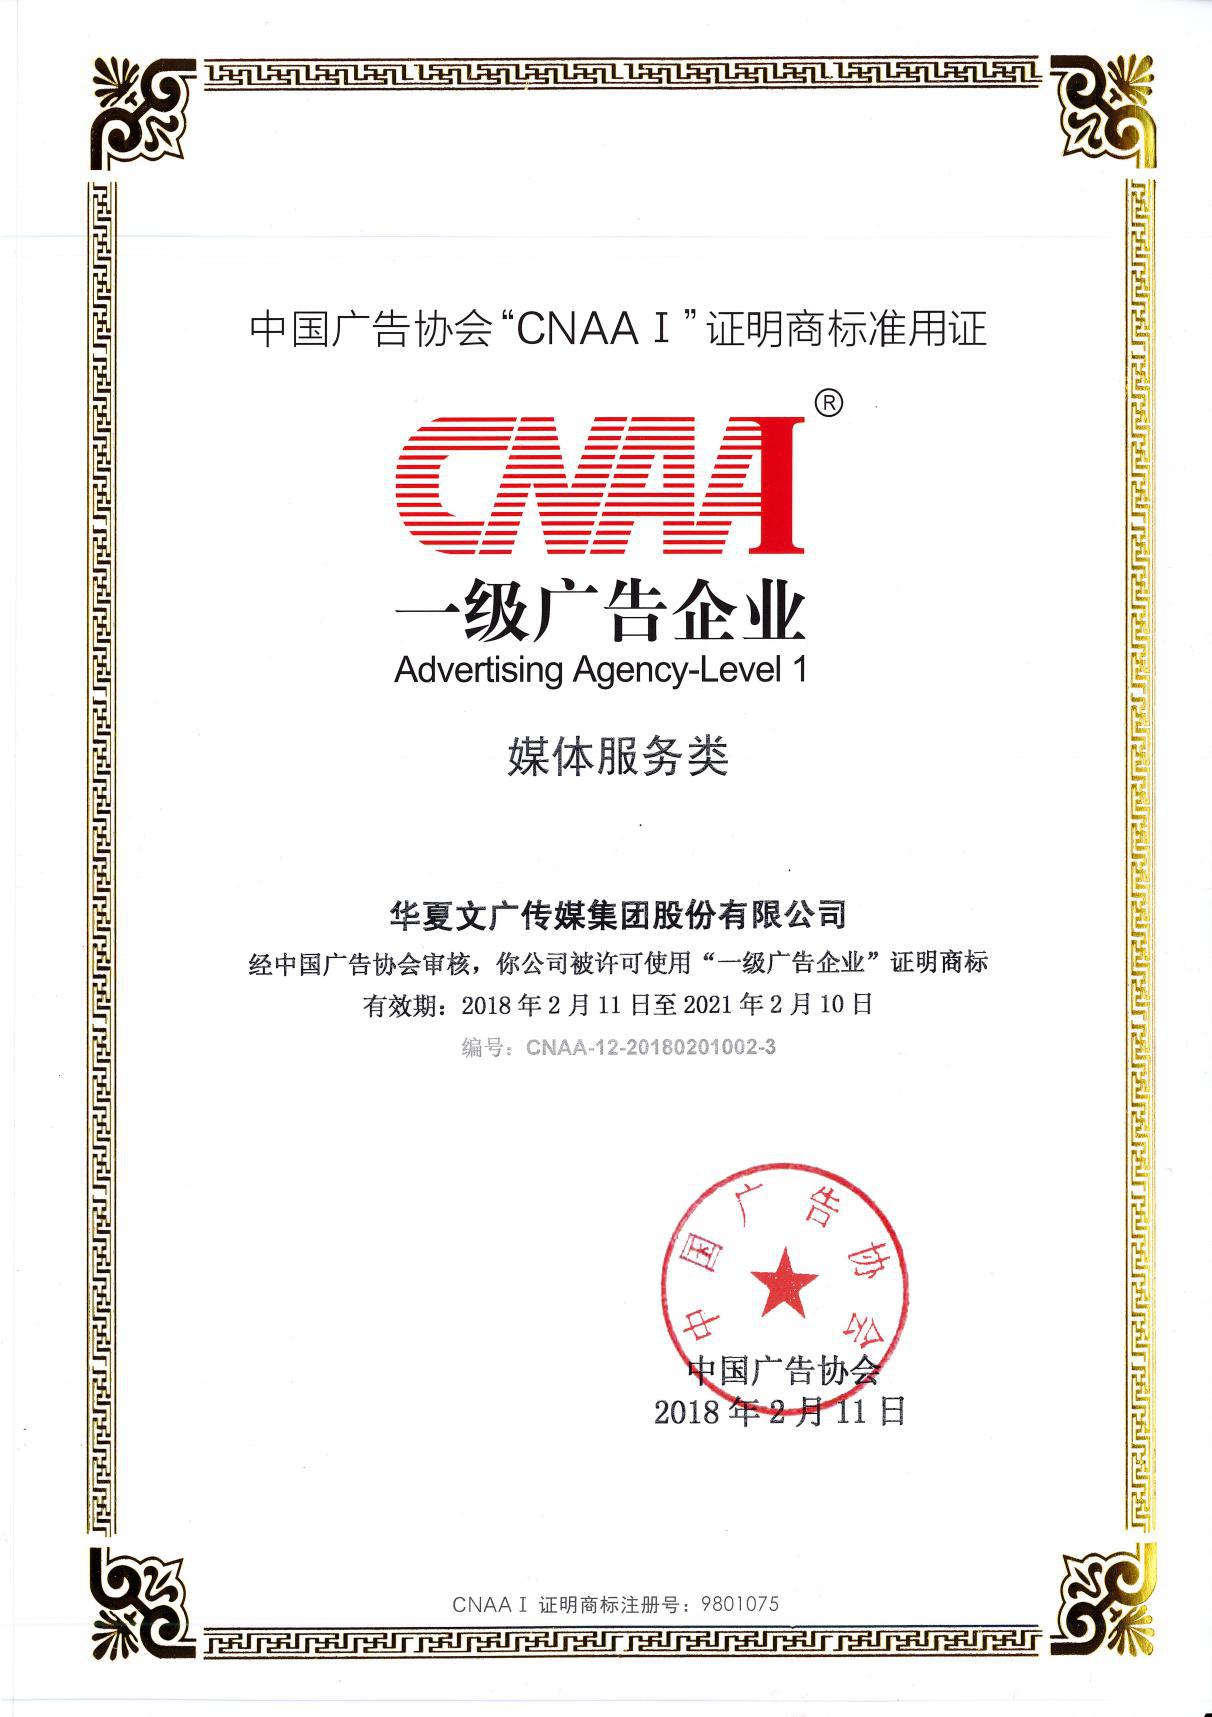 """华夏文广传媒集团获""""CNAAⅠ""""认证一级广告企业"""